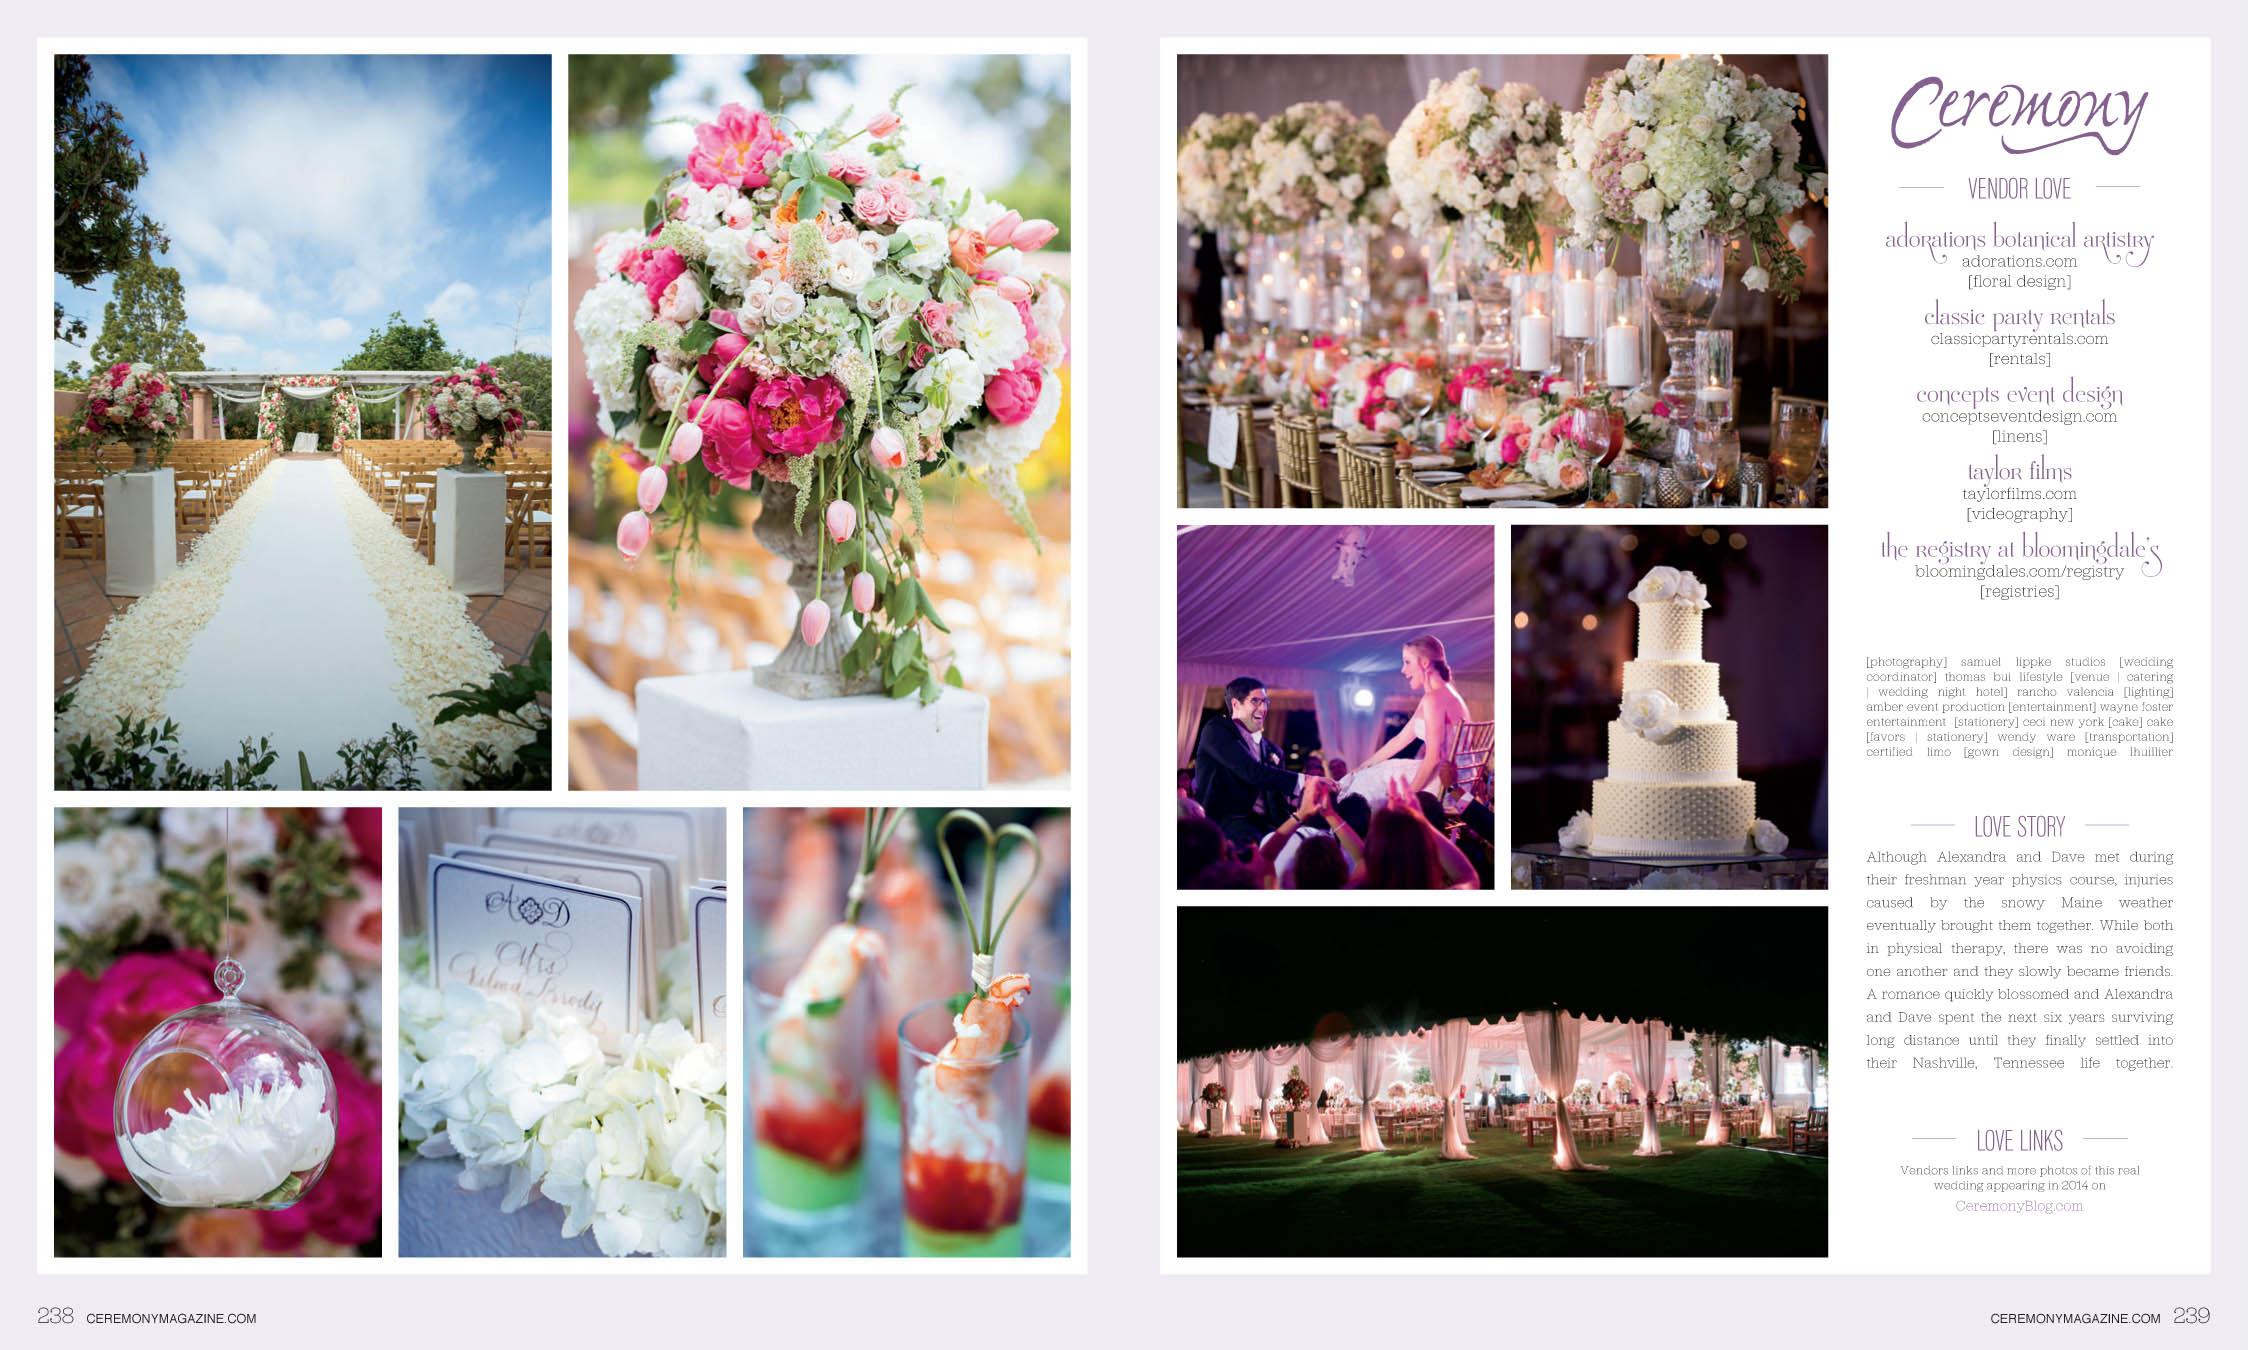 CeremonyMagazine-SD14-page238.jpg